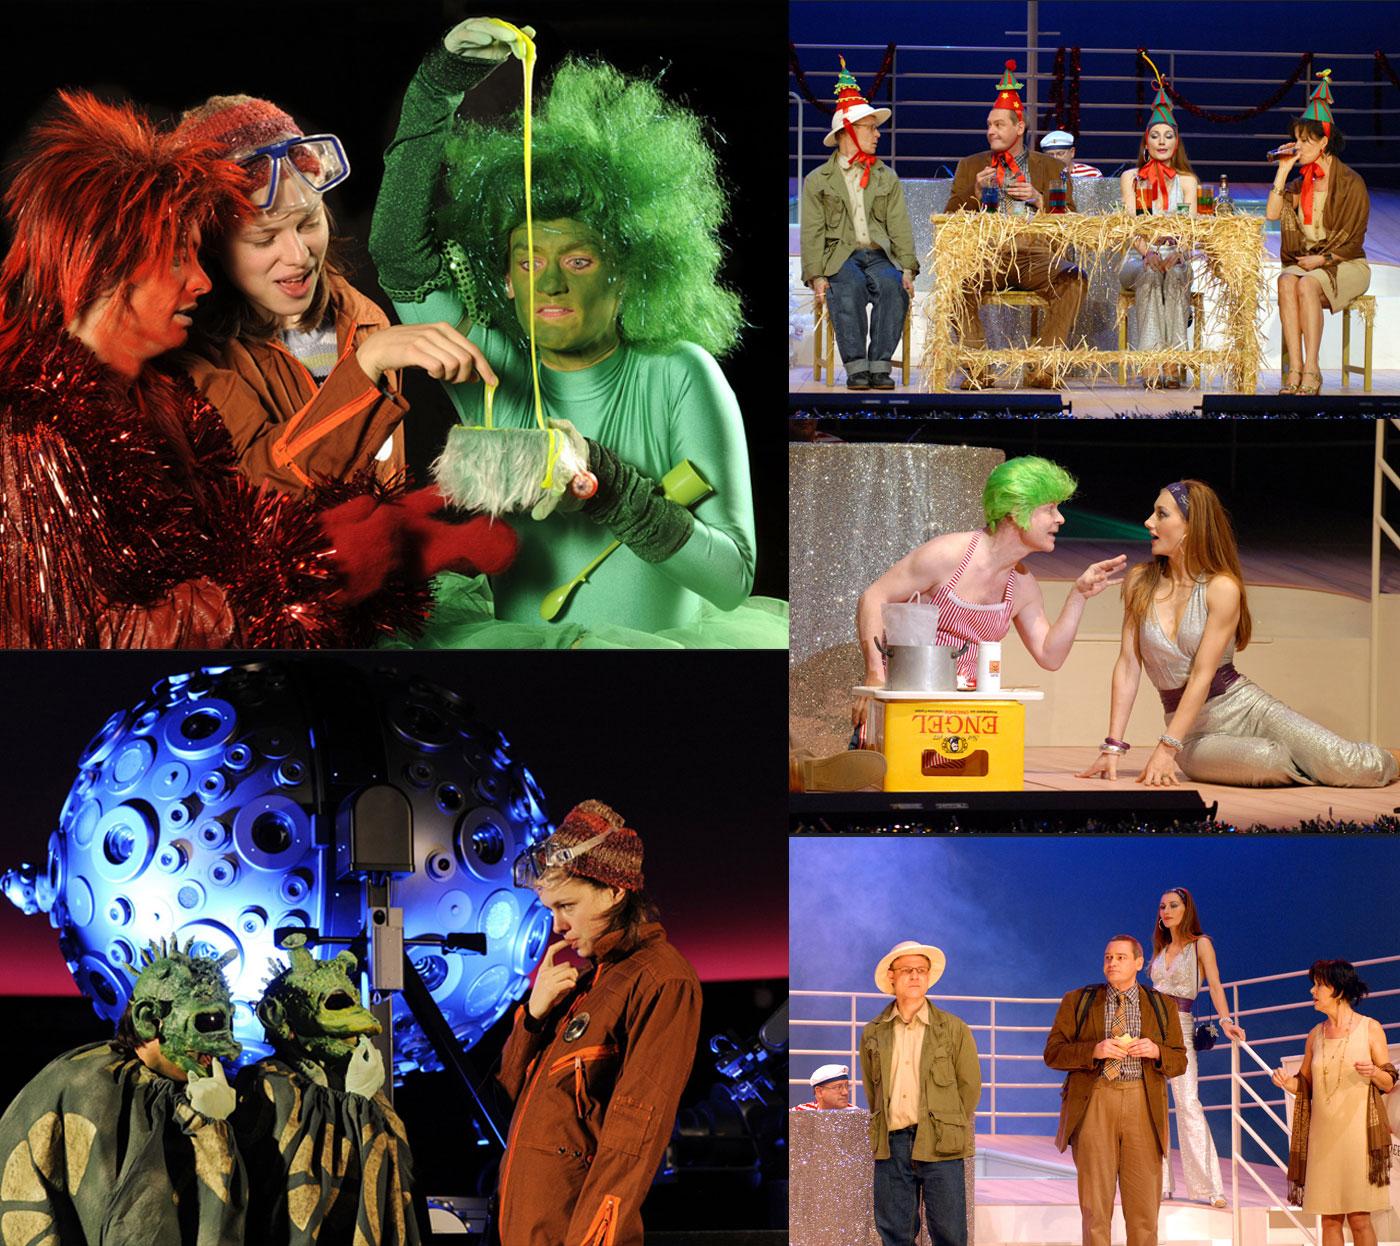 Collage Theaterstücke Hexe Lilly und Grandiose Weihnachten